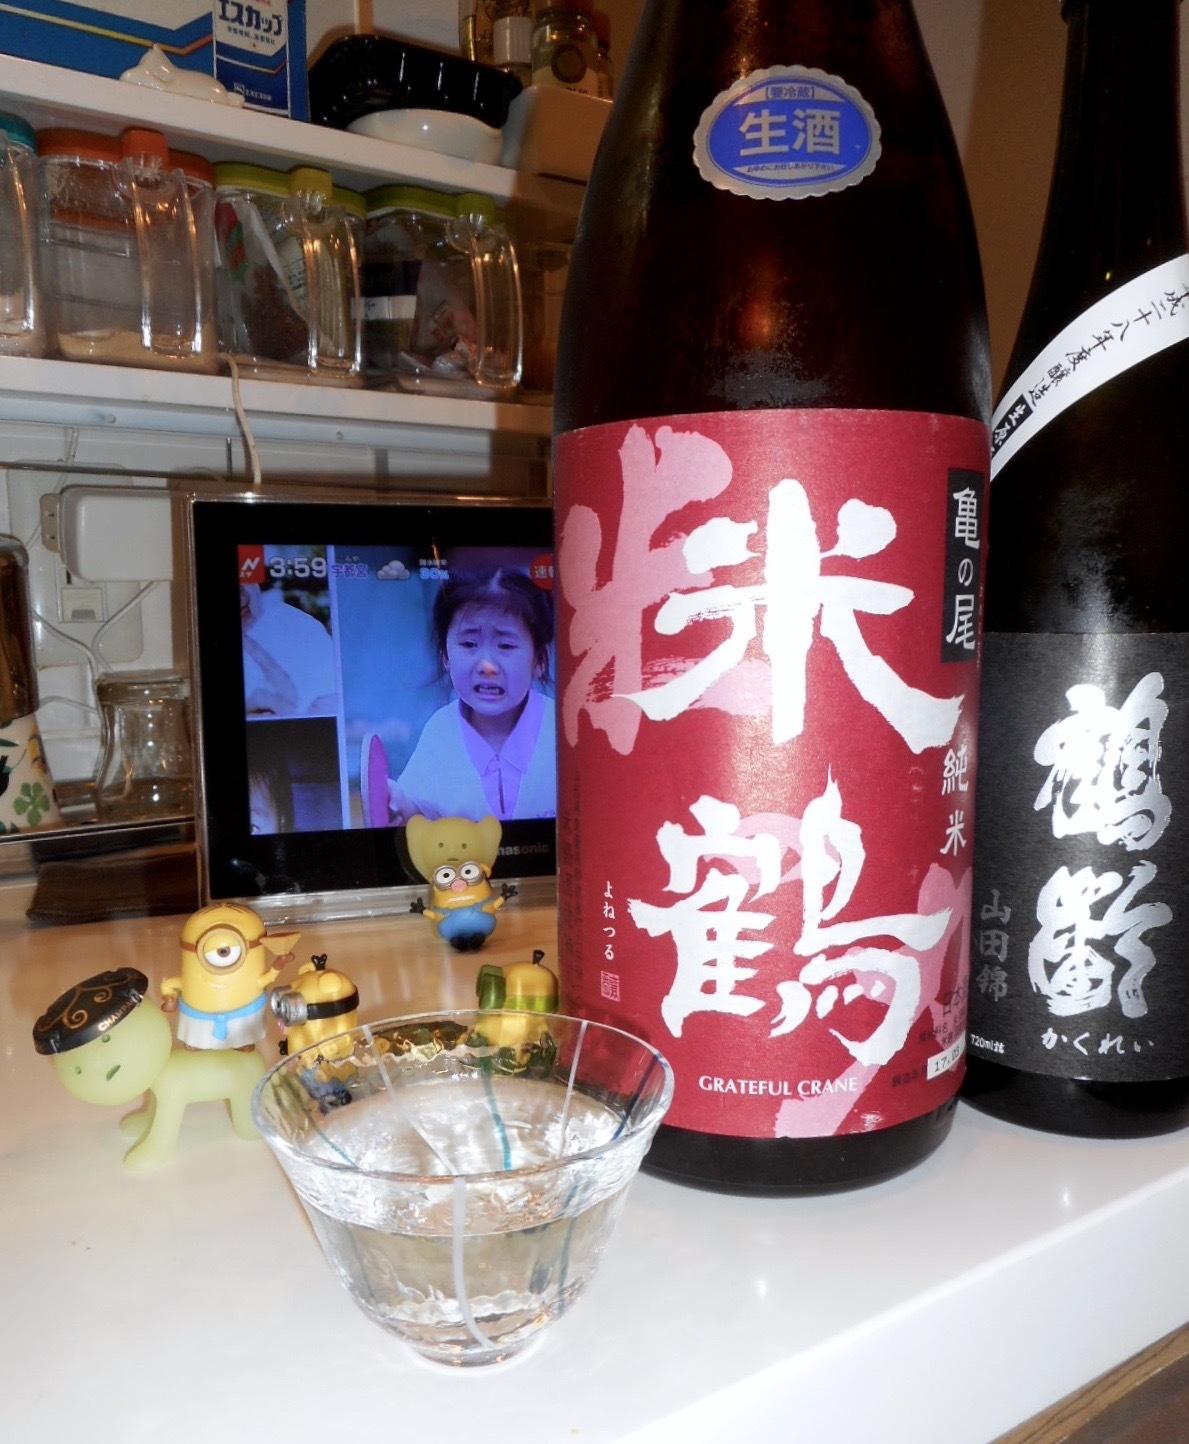 yonetsuru_kamenoo65nama_28by7.jpg